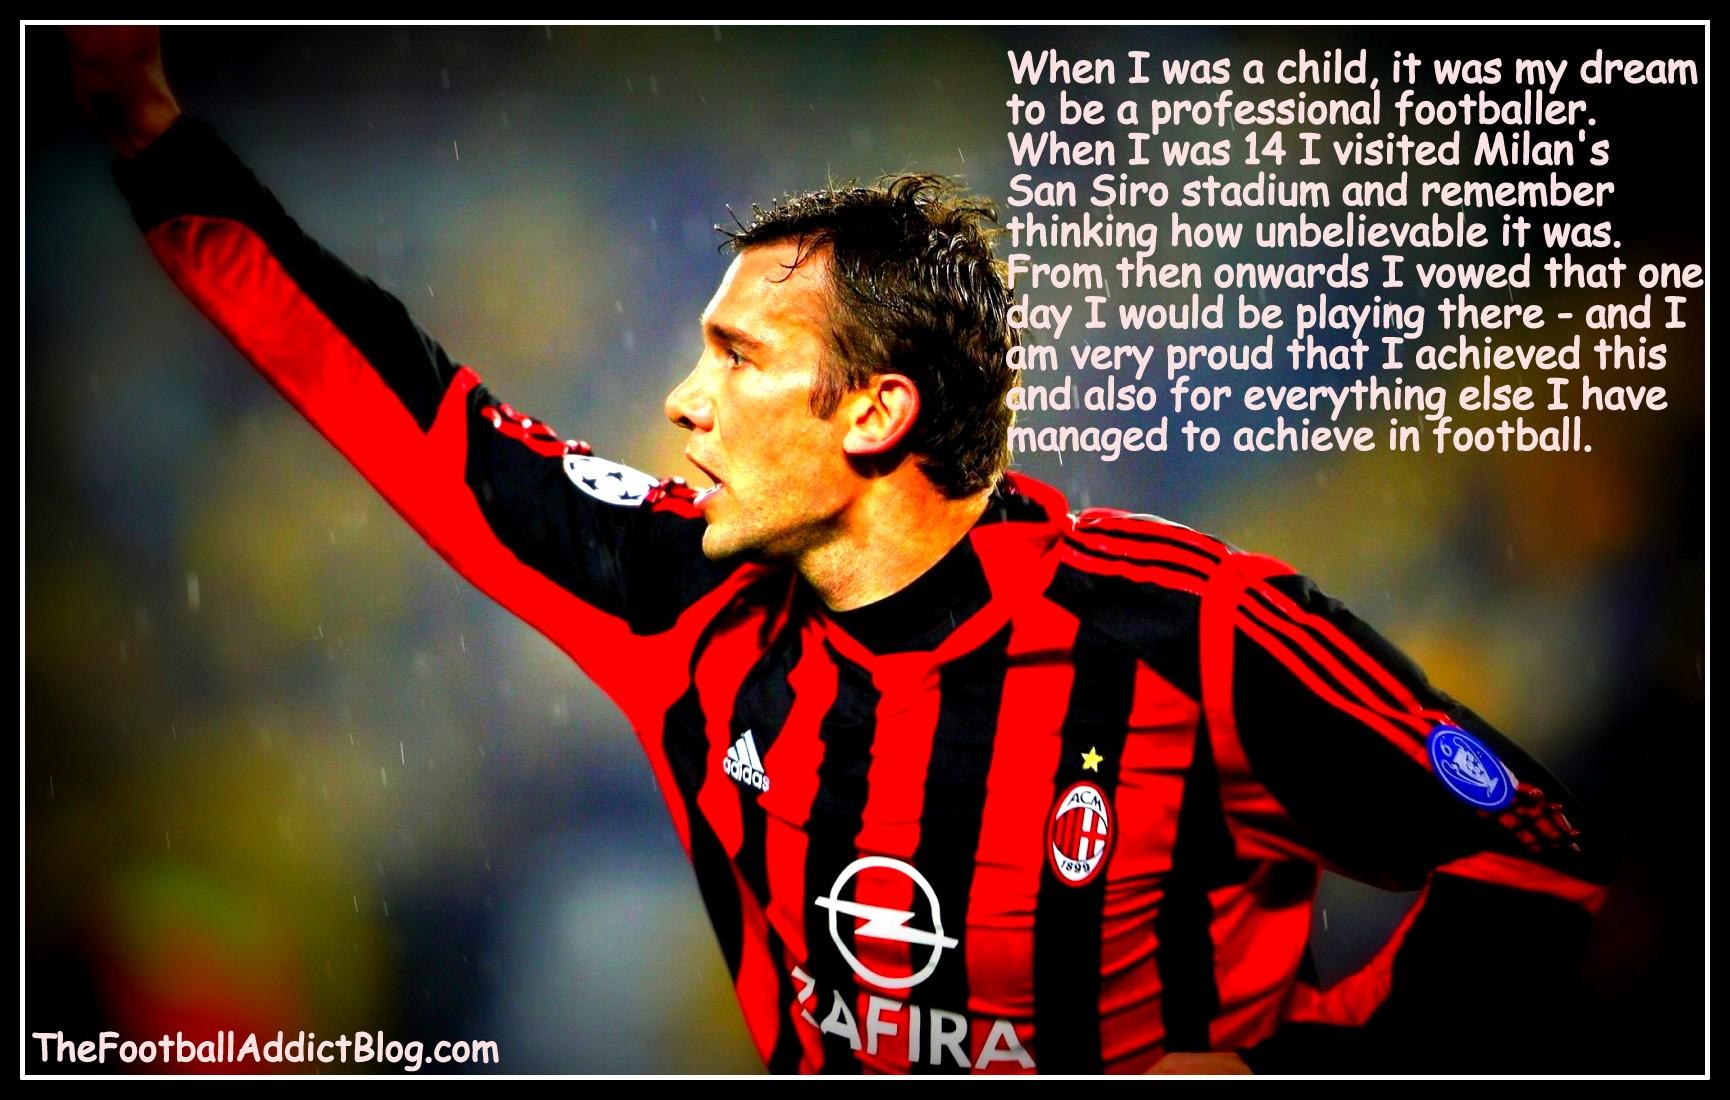 Andriy Shevchenko's quote #1